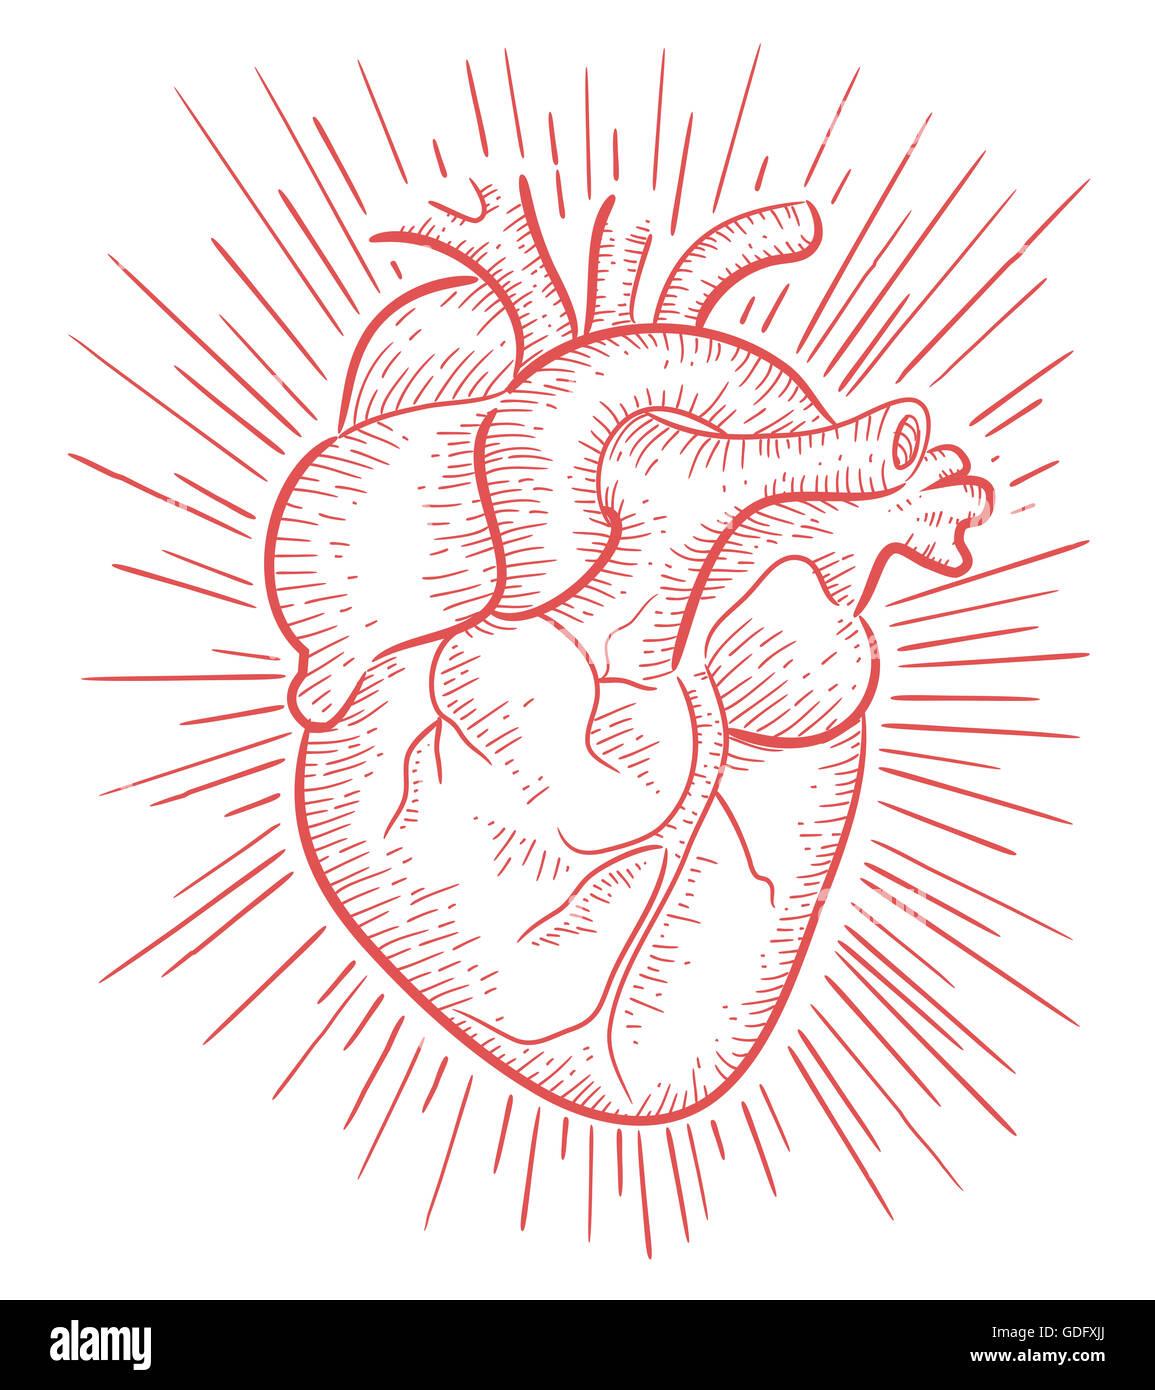 Illustration la main ou d 39 un dessin d 39 un coeur humain - Dessin coeur humain ...